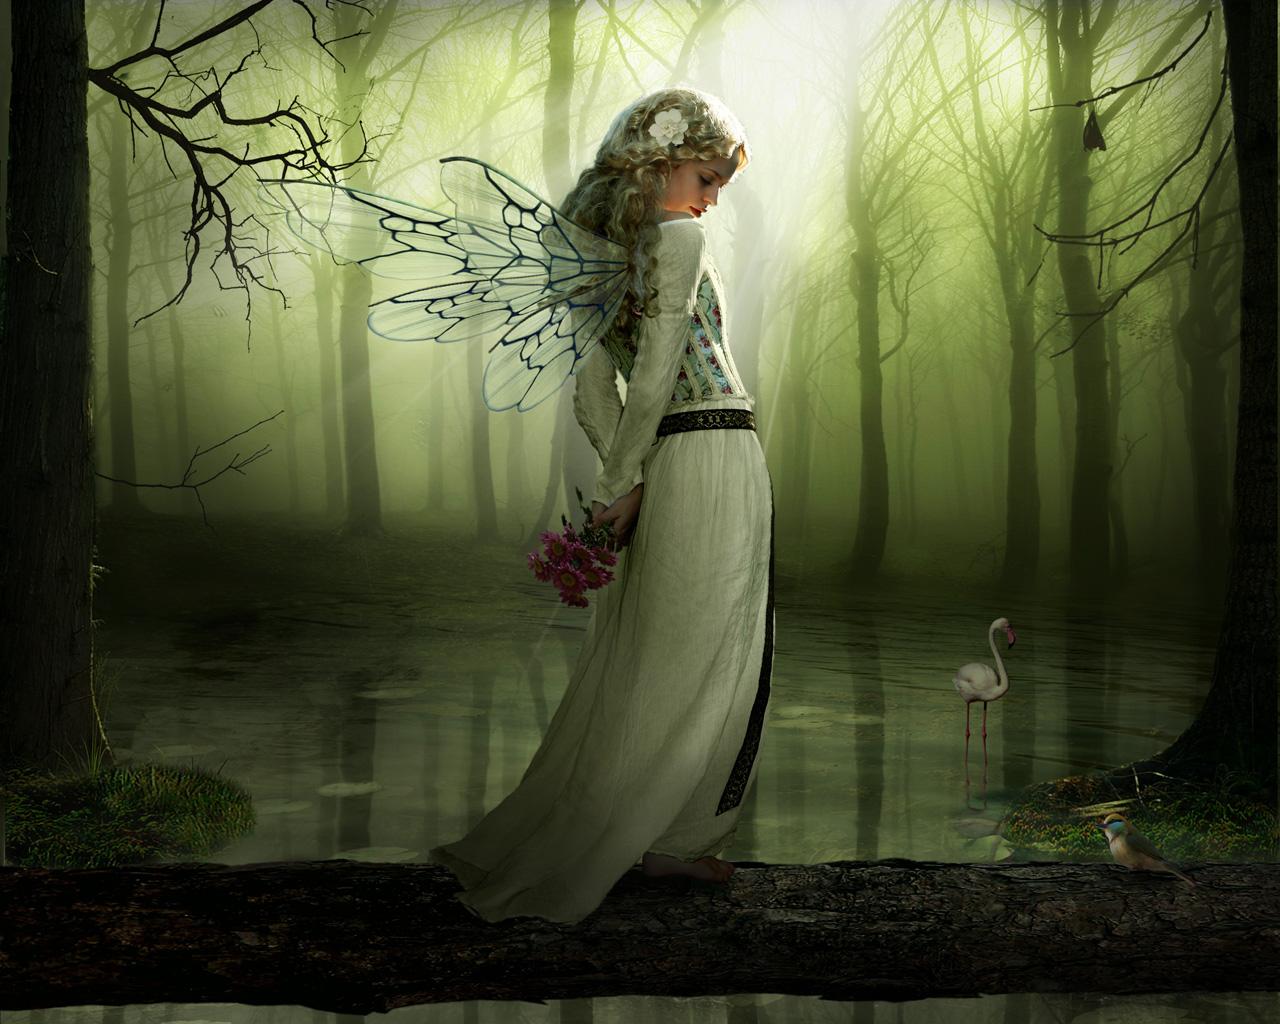 http://fc07.deviantart.com/fs38/f/2008/327/5/d/Green_Fairy_WP_by_Pygar.jpg